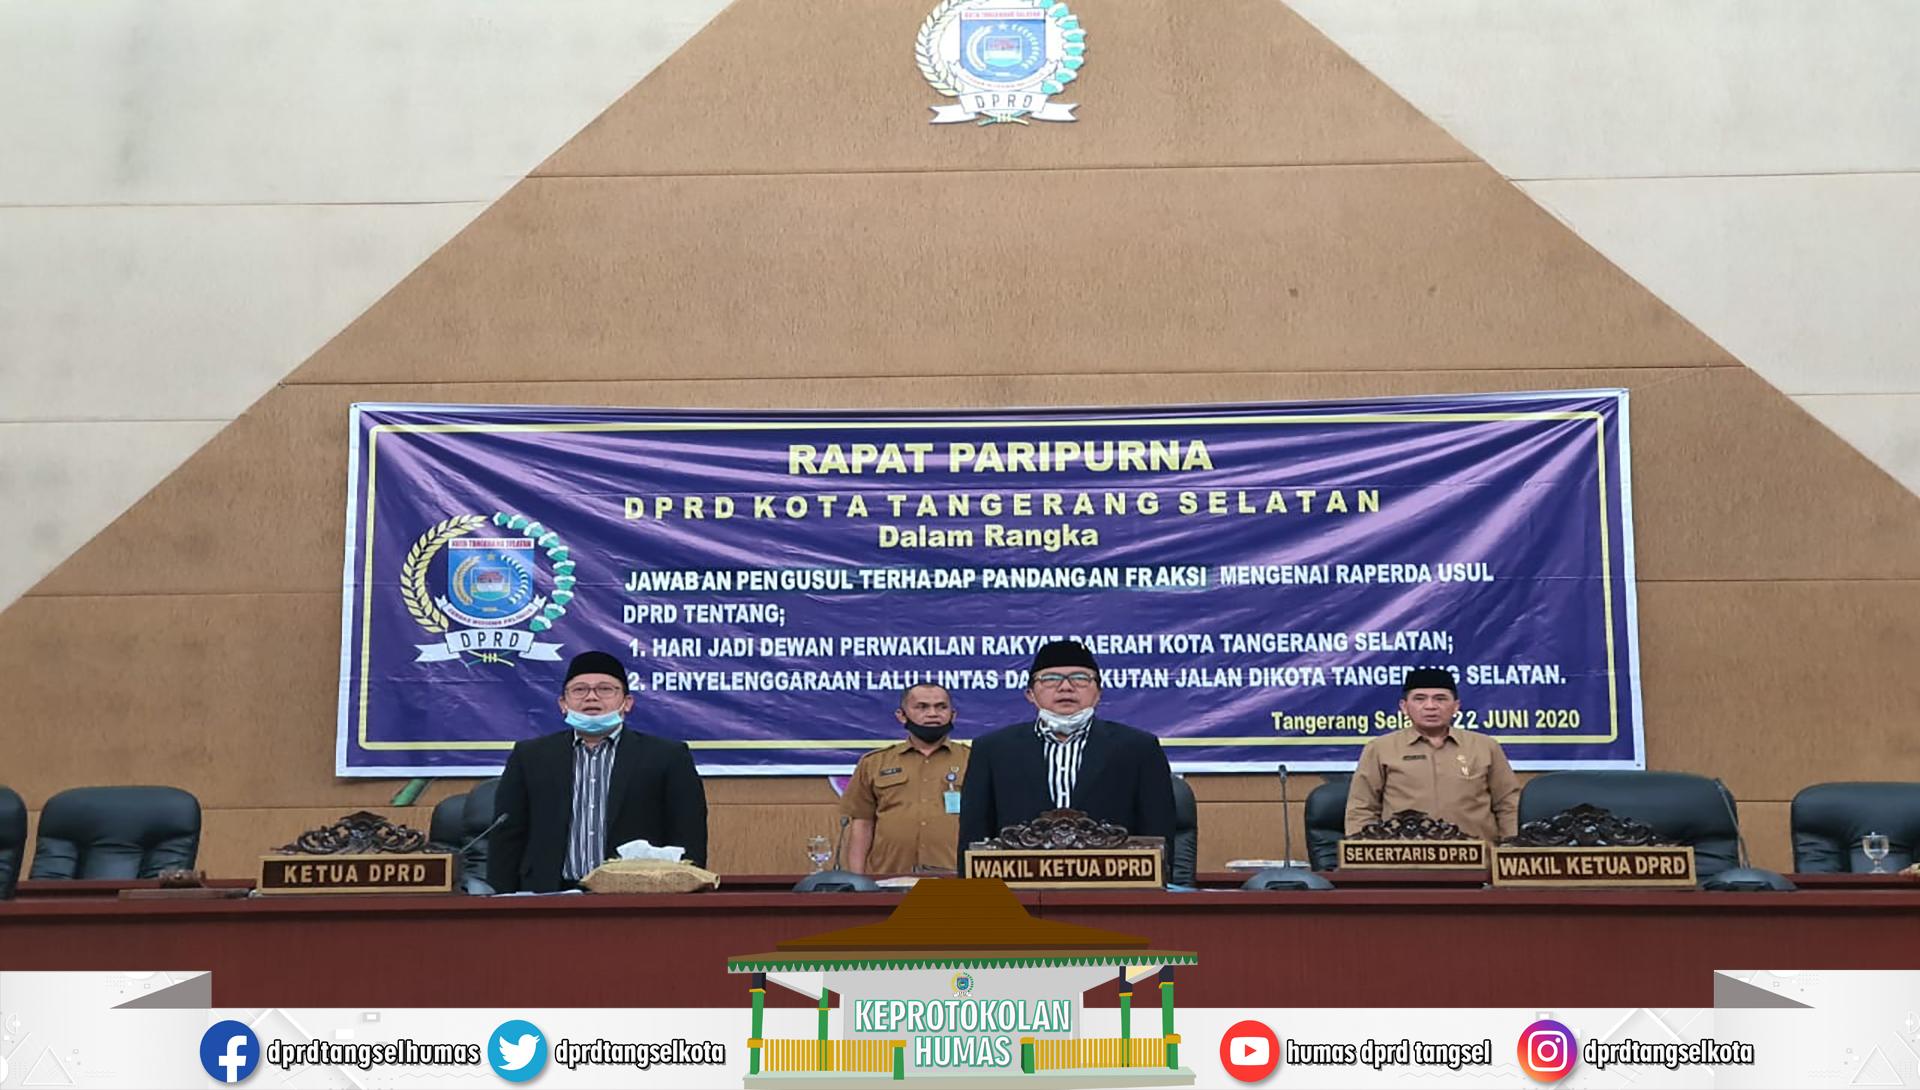 Rapat Paripurna Jawaban Pengusul terhadap Pandangan Fraksi Raperda